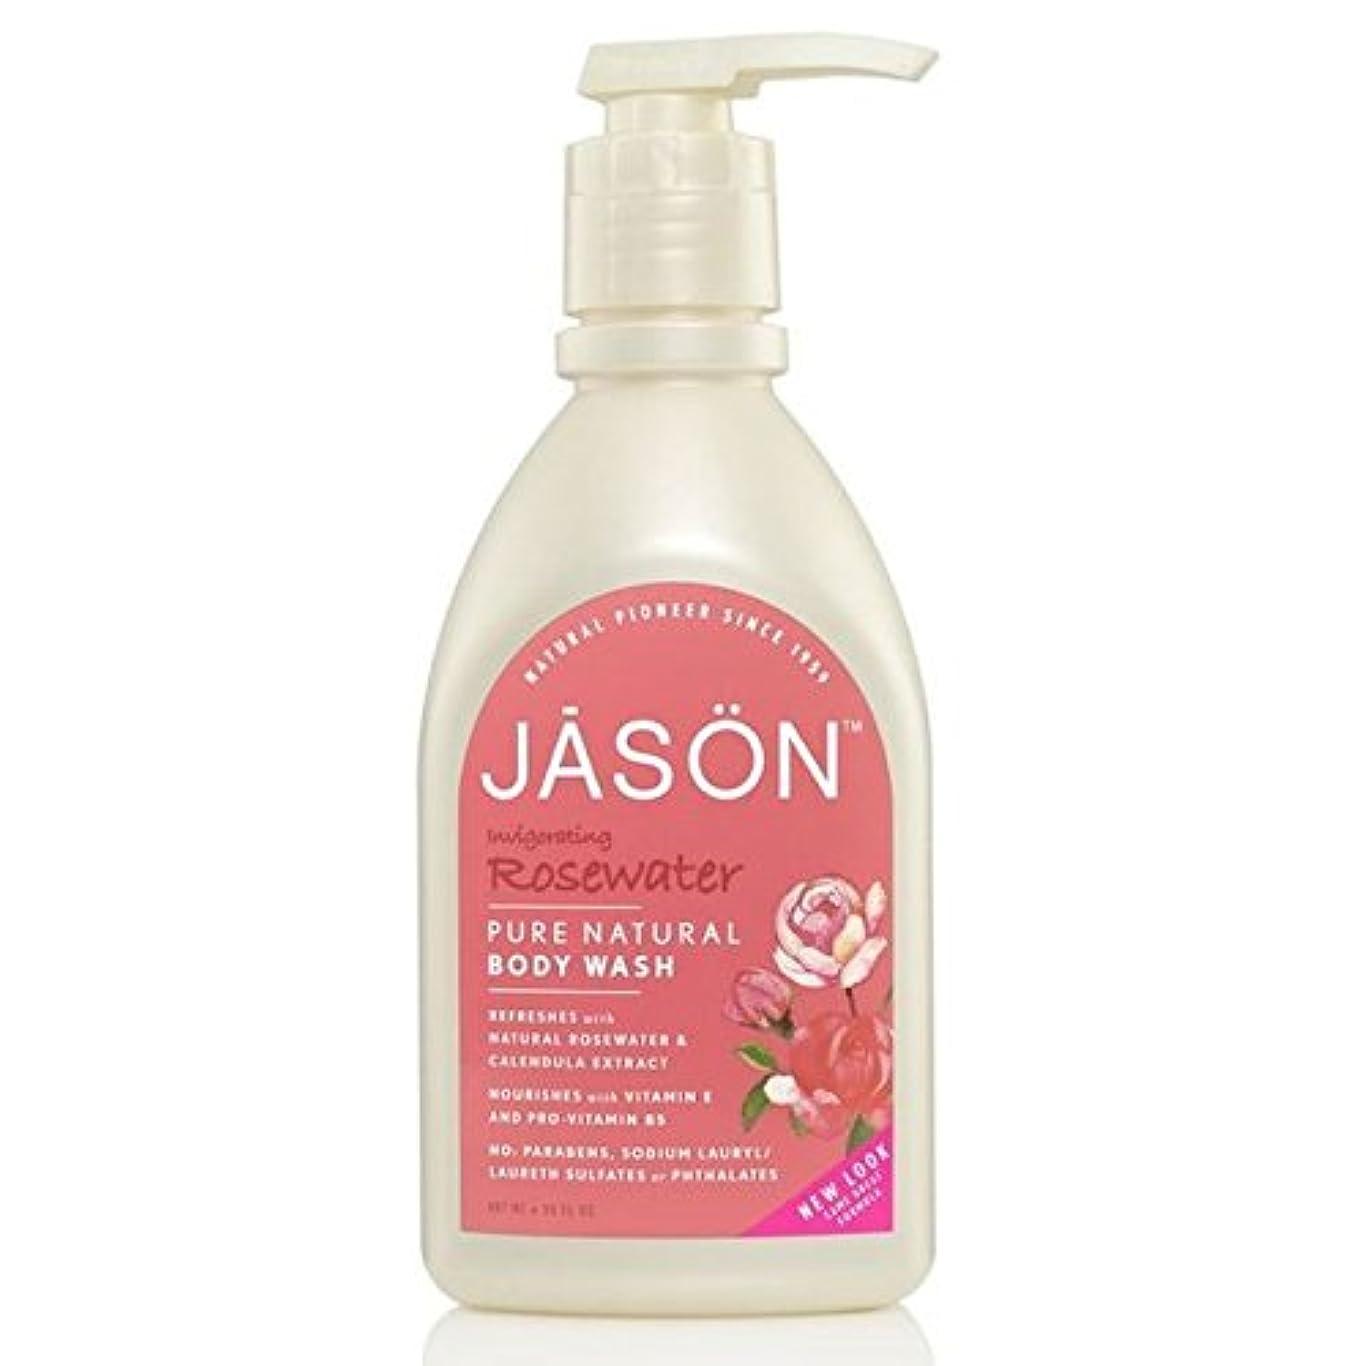 払い戻しきらめきシャーロックホームズジェイソン?ボディウォッシュローズウォーターサテンシャワー900ミリリットル x2 - Jason Body Wash Rosewater Satin Shower 900ml (Pack of 2) [並行輸入品]